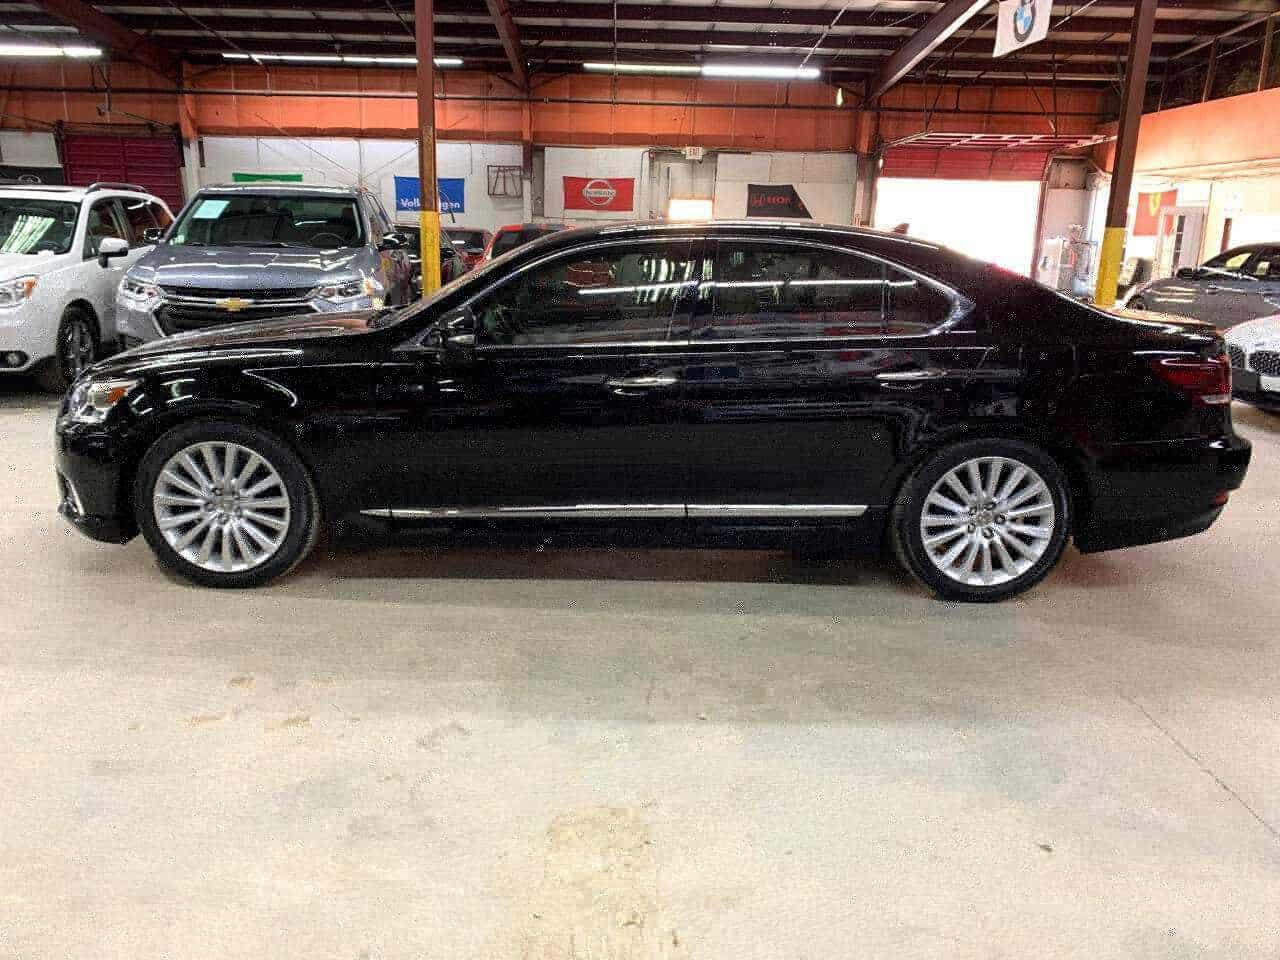 New dark Lexus side view